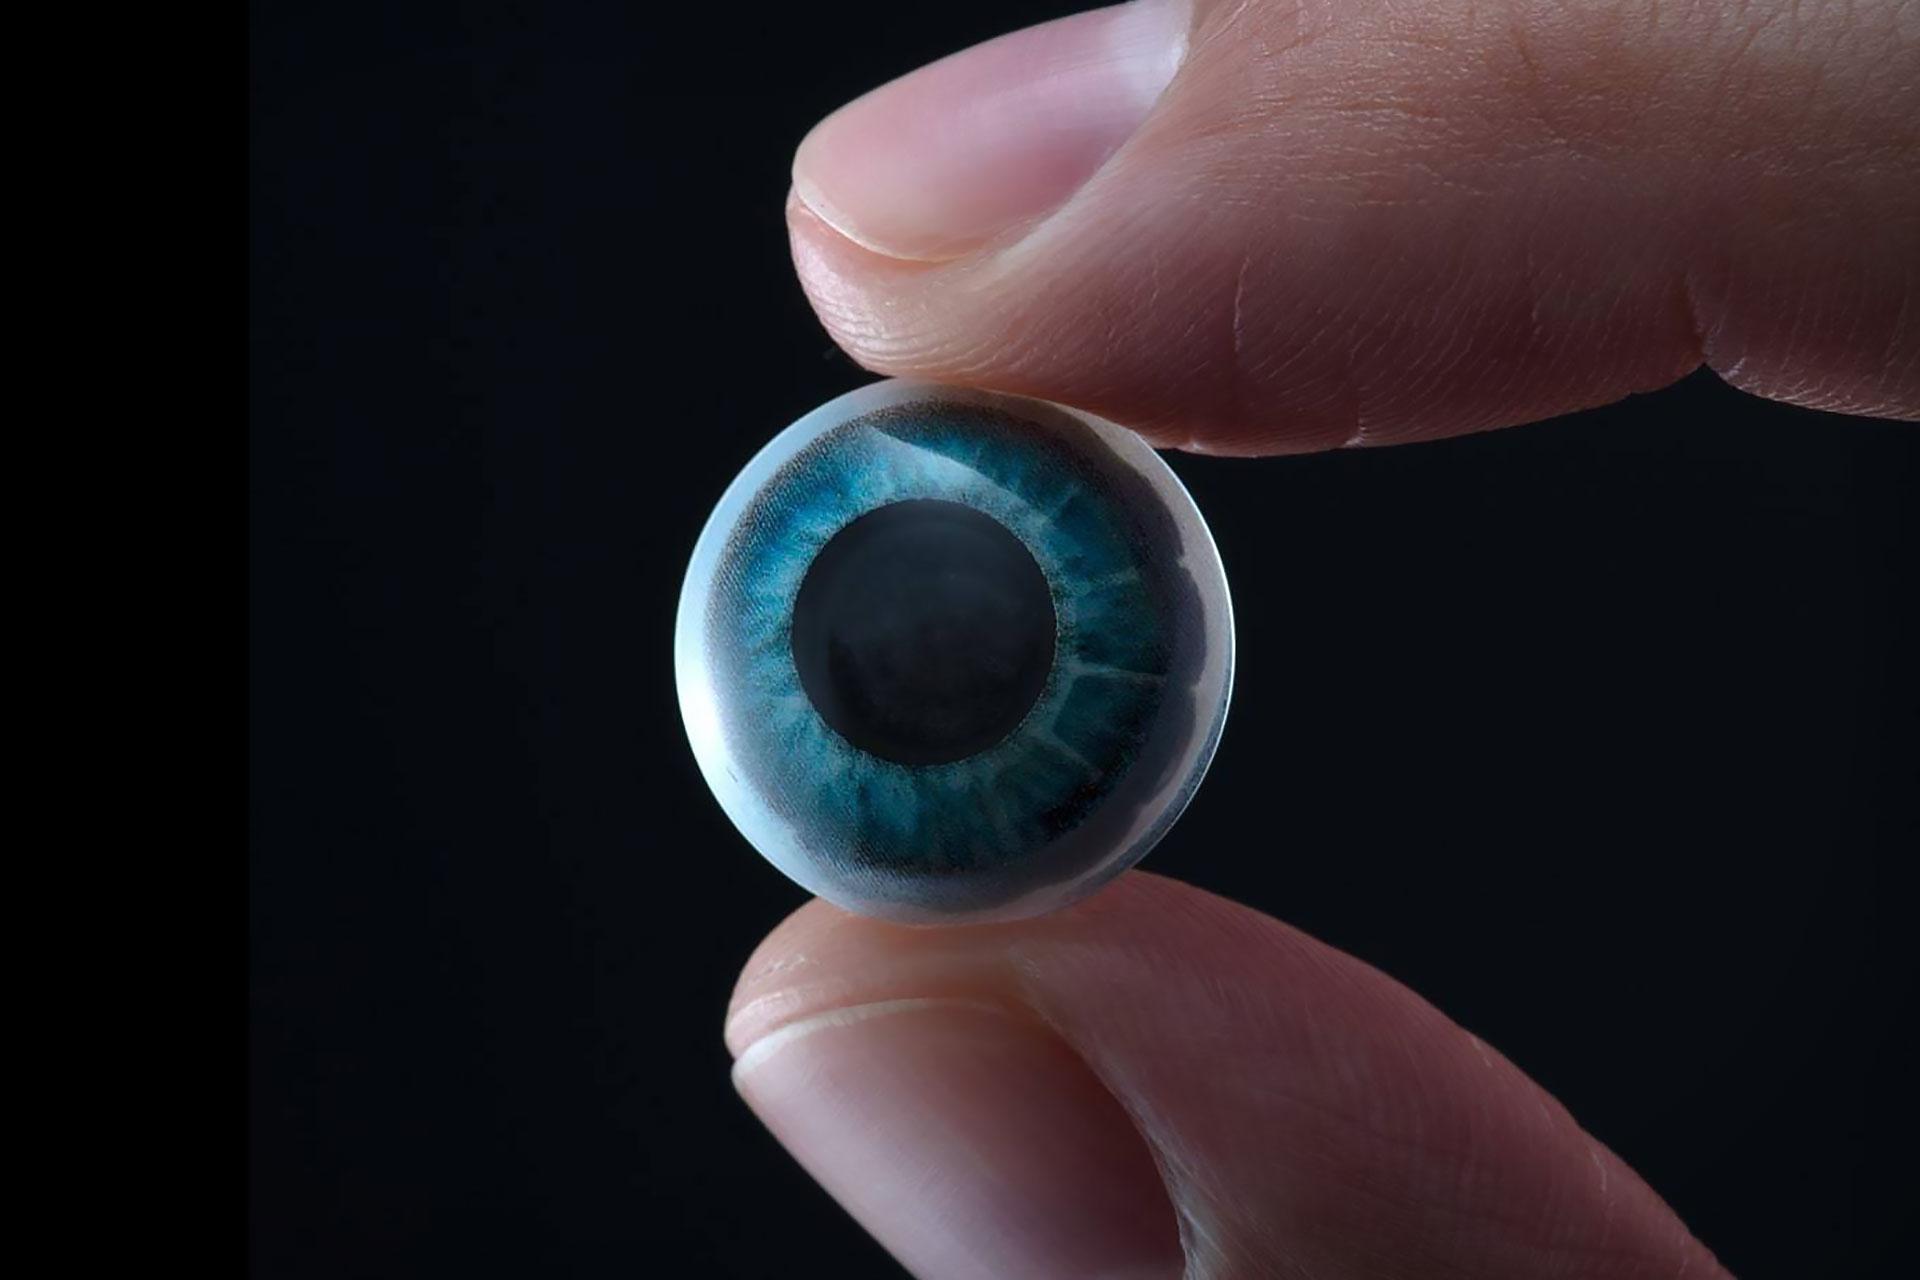 Mojo Vision Smart Contact Lens